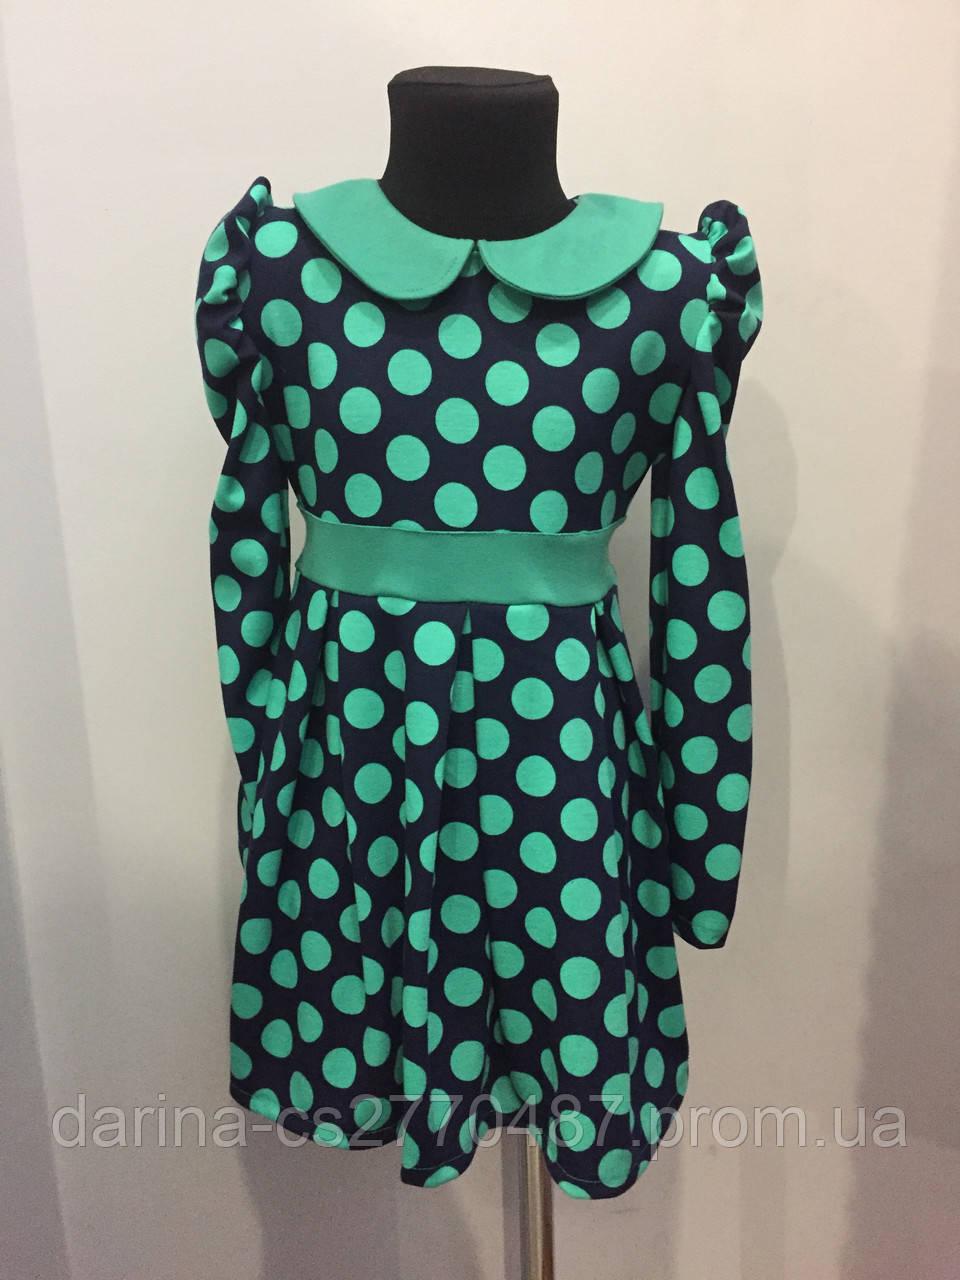 Платье для девочки с длинным рукавом 104-122 см